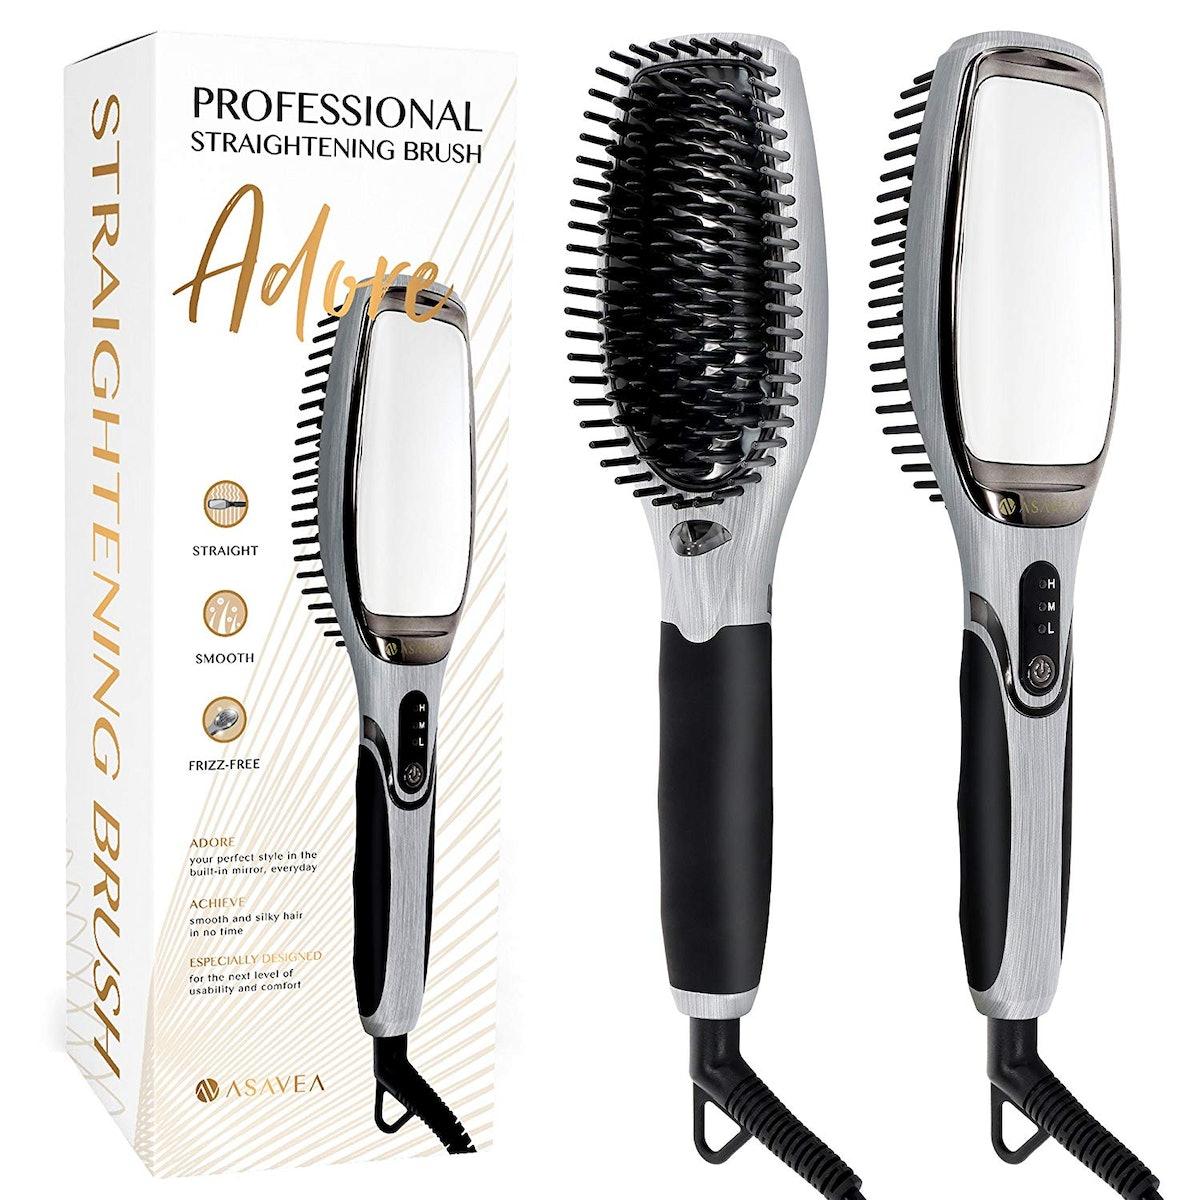 AsaVea Hair Straightener Brush